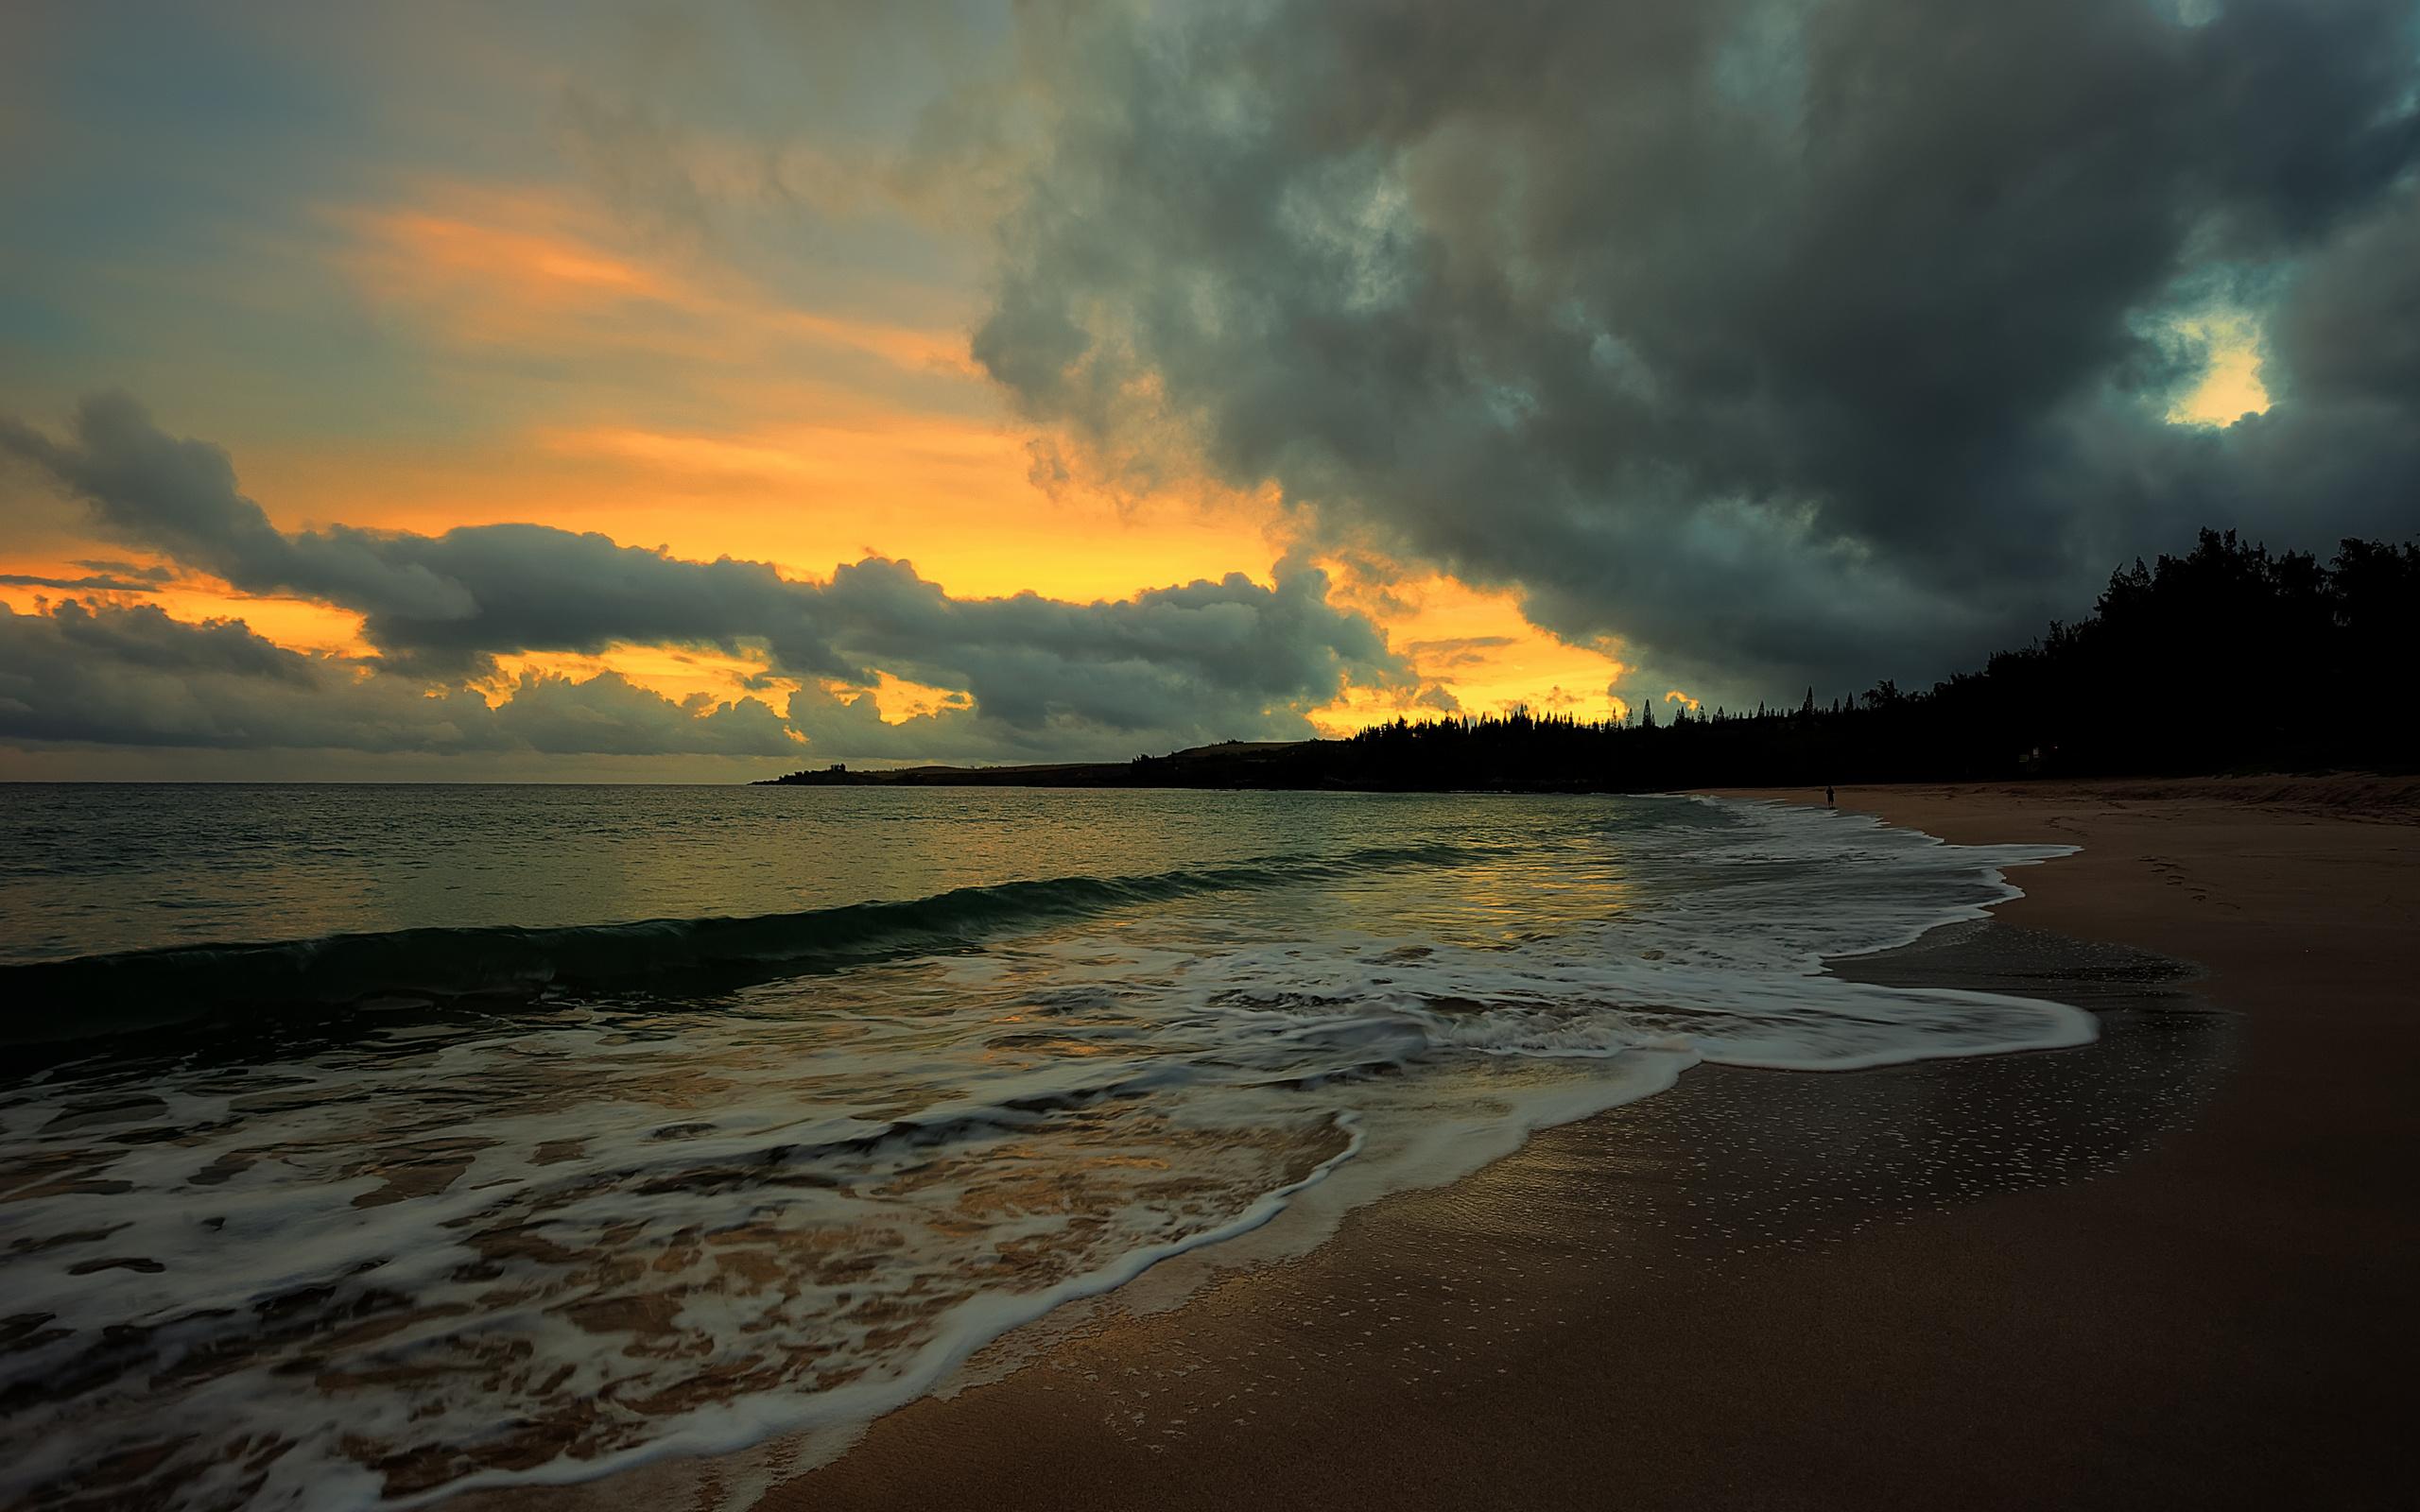 вечерний пейзаж на море картинки девятнадцать